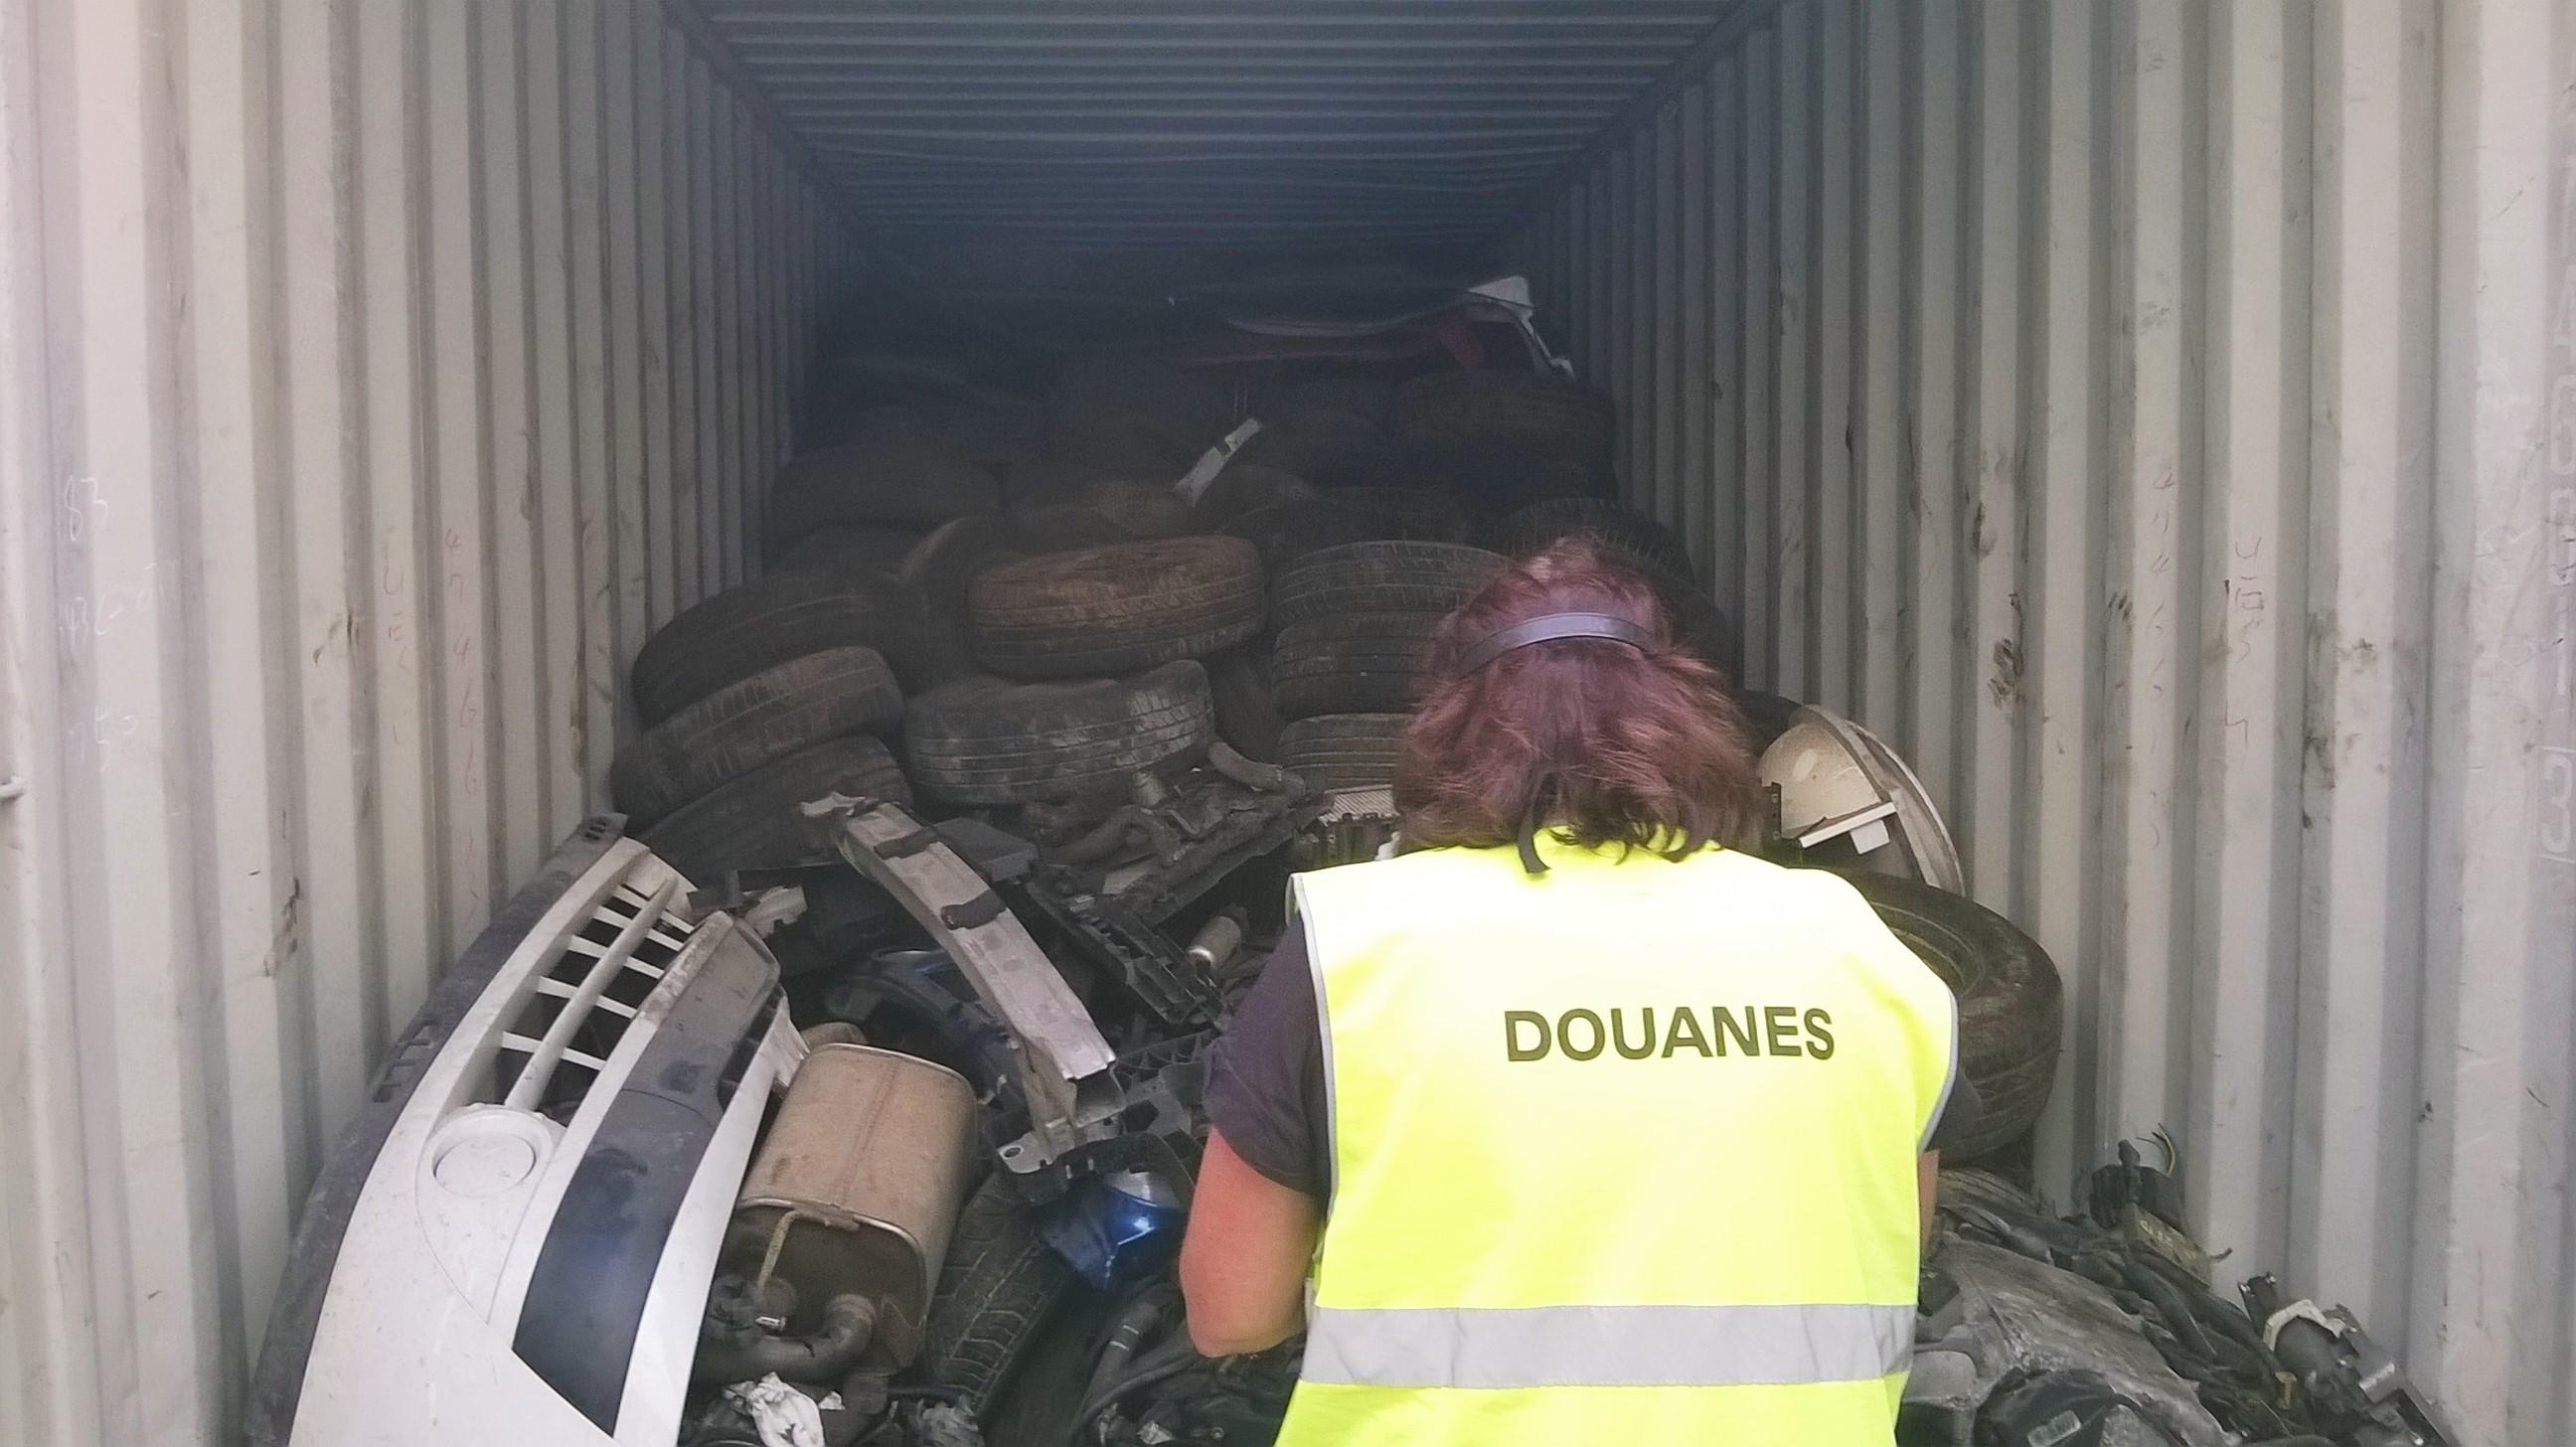 Dès l'ouverture du conteneur, les douaniers ont constaté, sous un tas de roues et de pièces de carrosseries, la présence de nombreux moteurs usagés enchevêtrés (Photo @Douane)